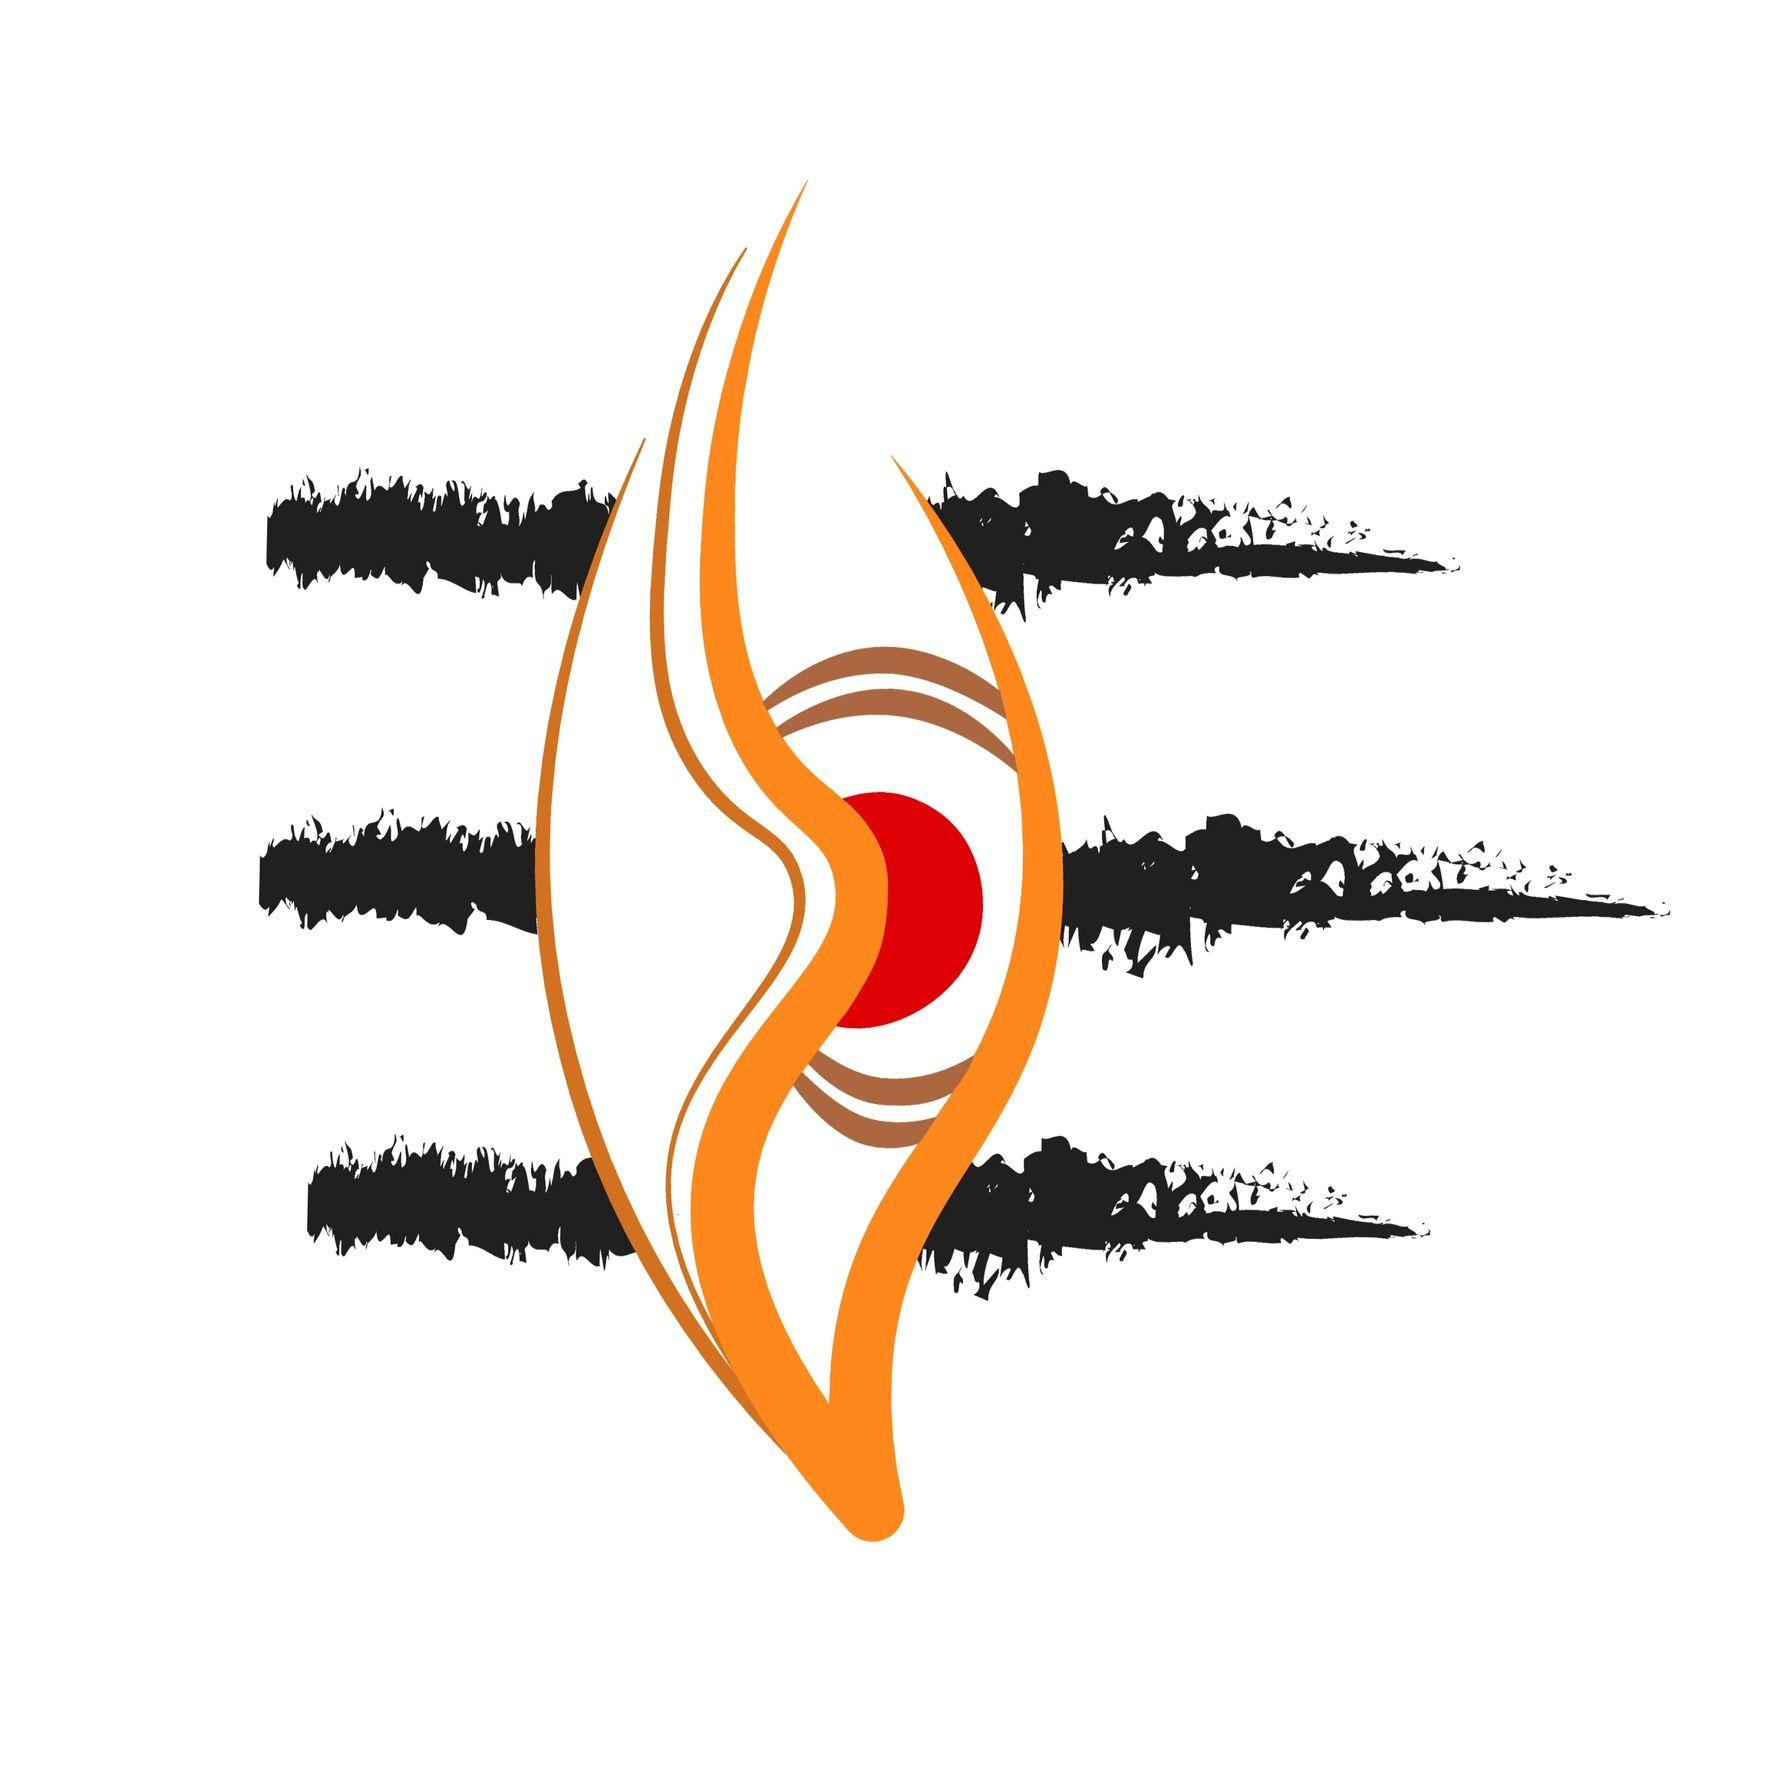 Shiva Thirdeye Shiva Illustrationart Lord Shiva Painting Shiva Tattoo Shiva Shankar